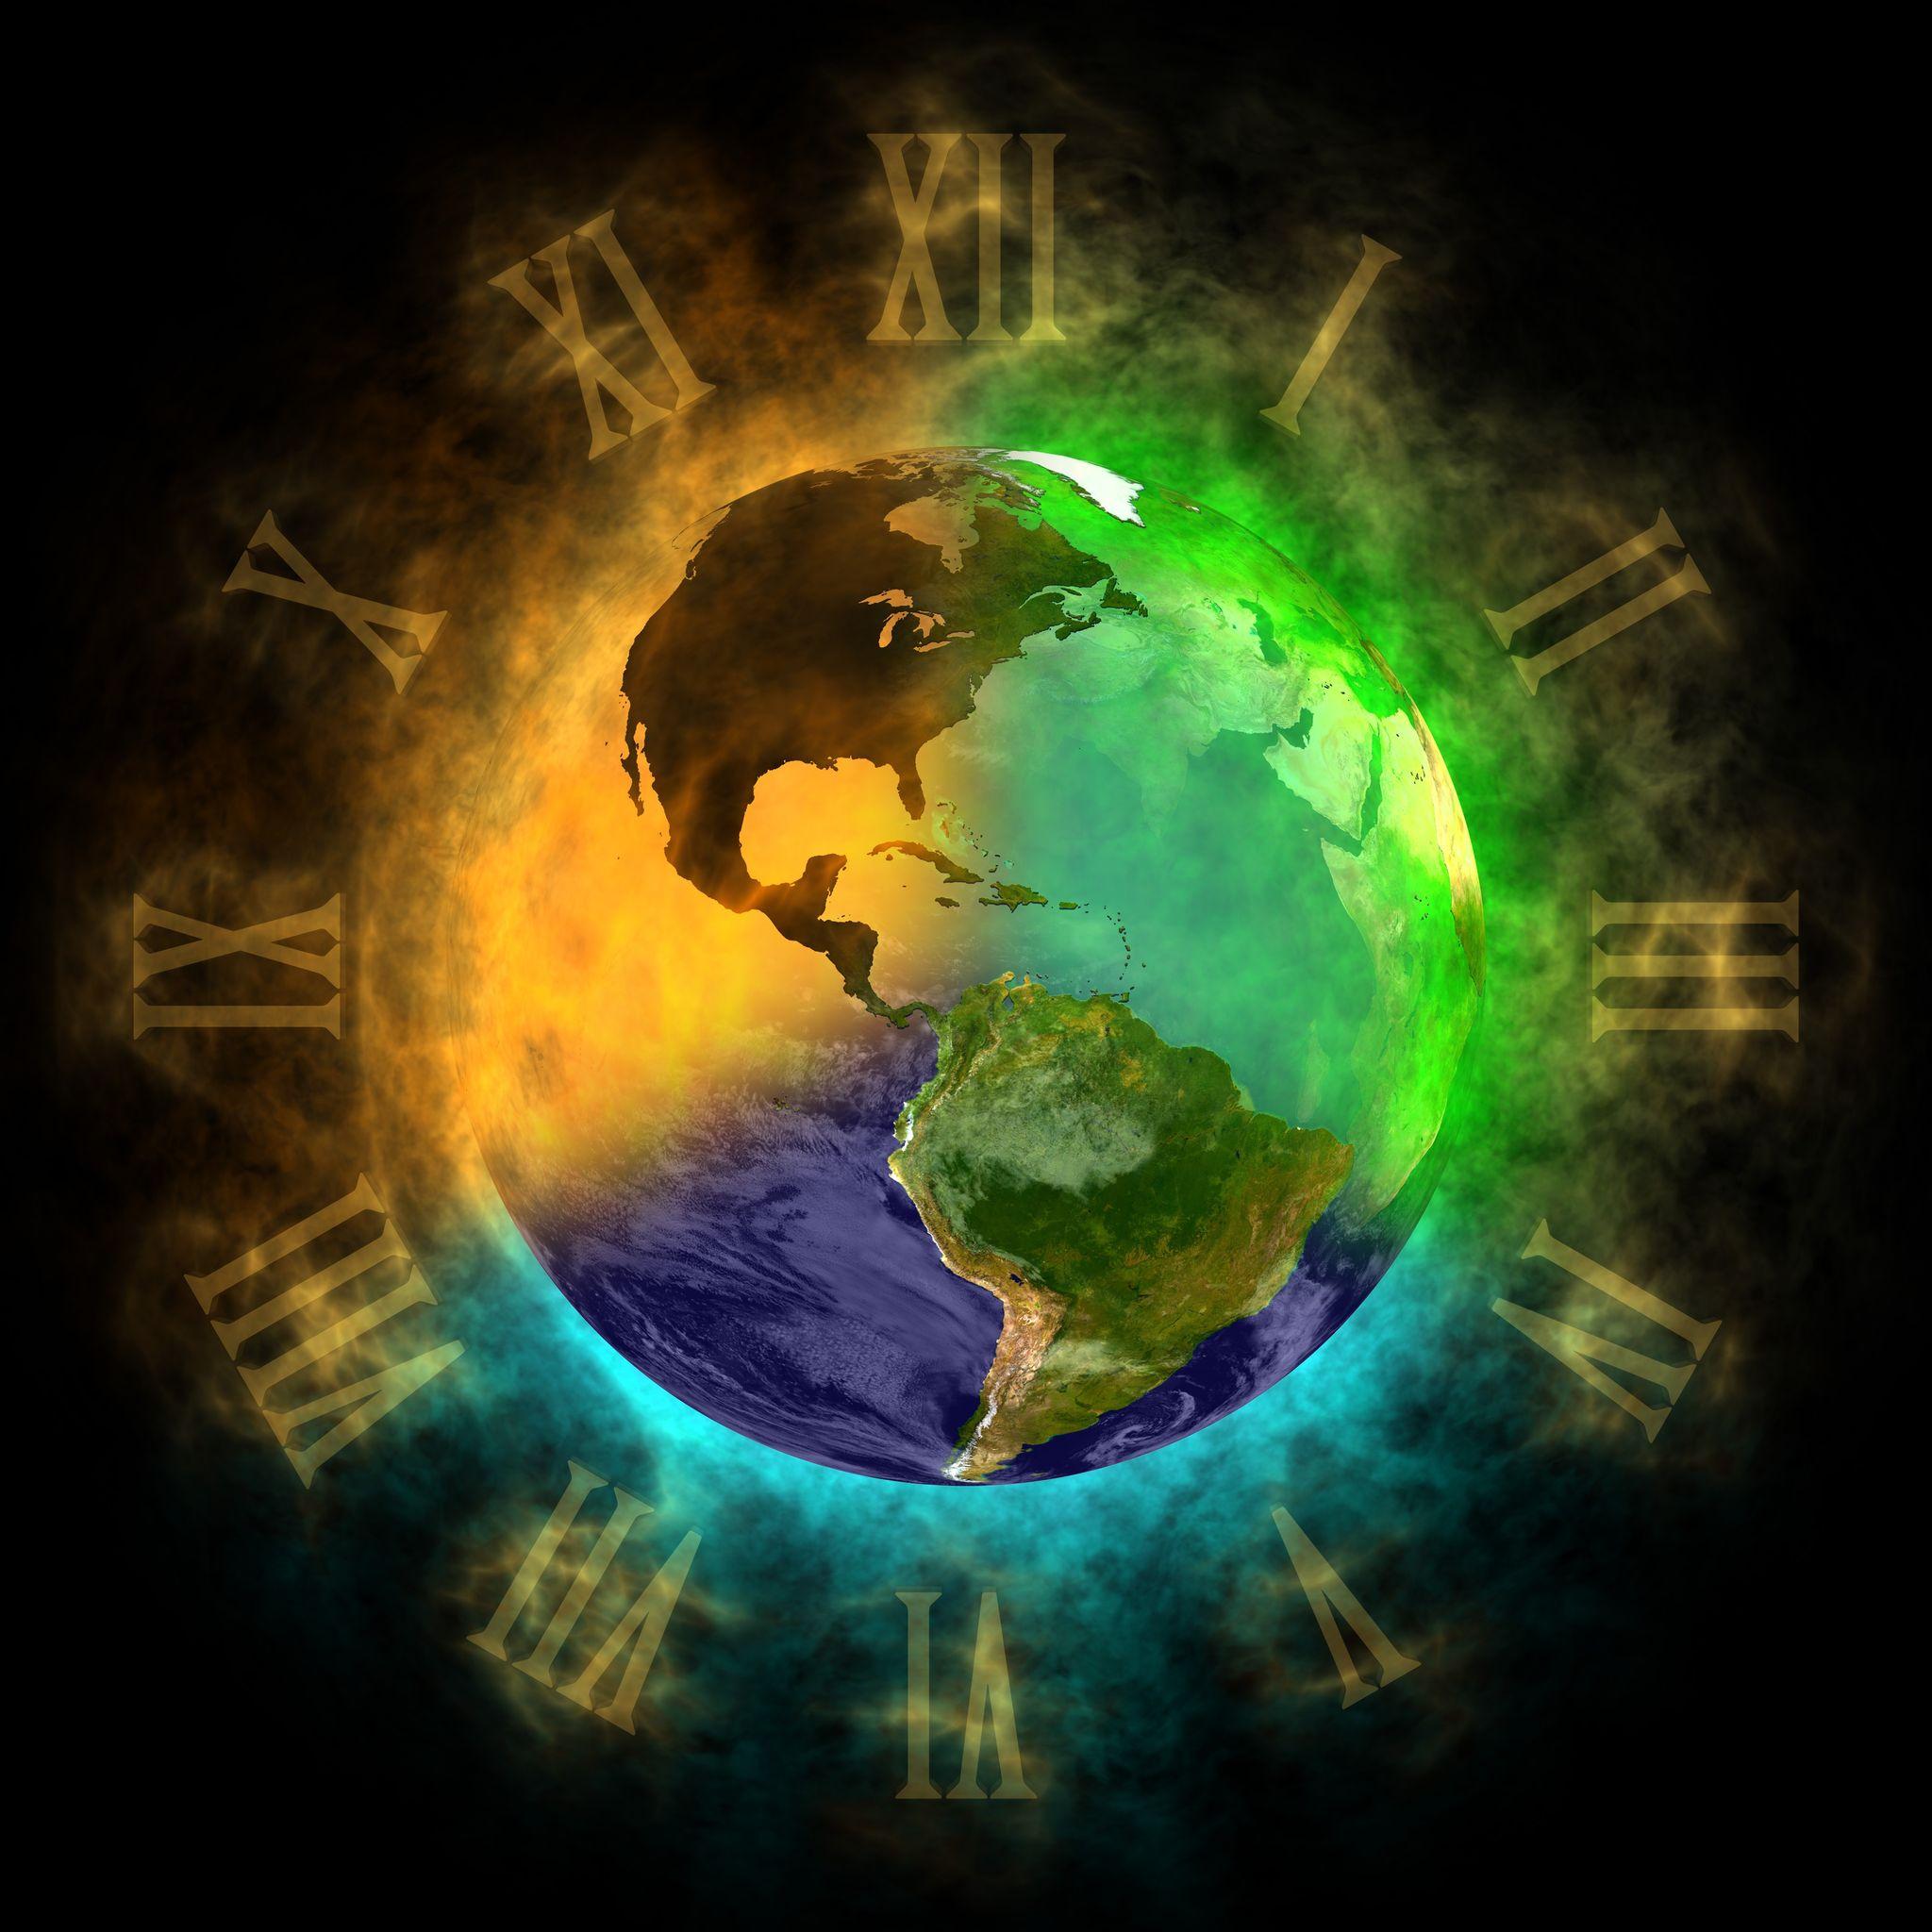 księga-wiedzy-globalna-świadomość.jpg